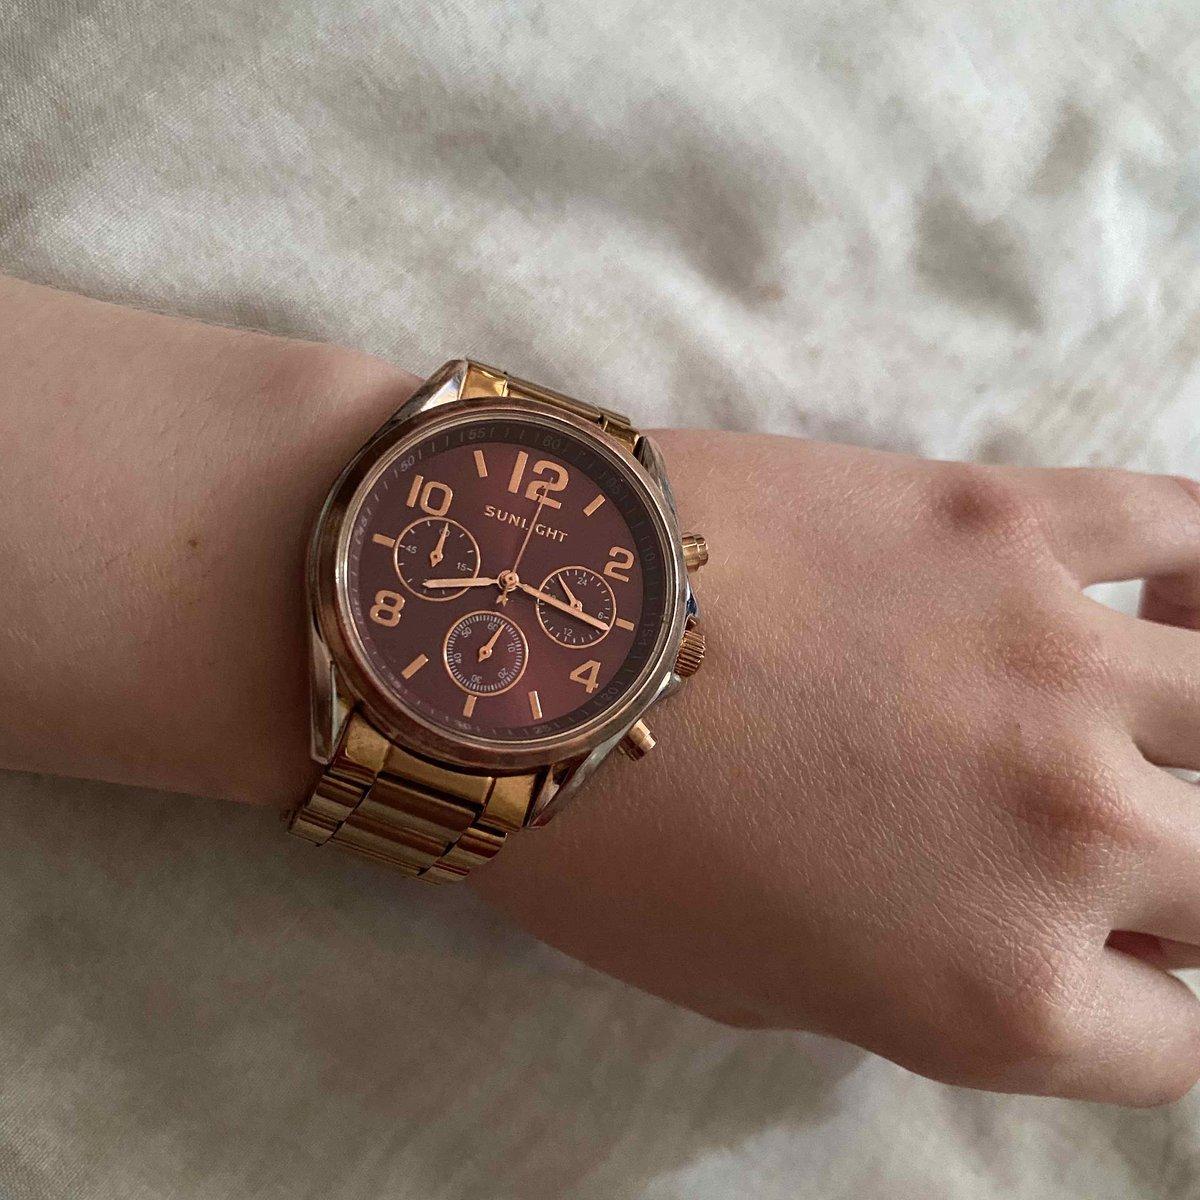 Отличные часы. Выглядят дорого